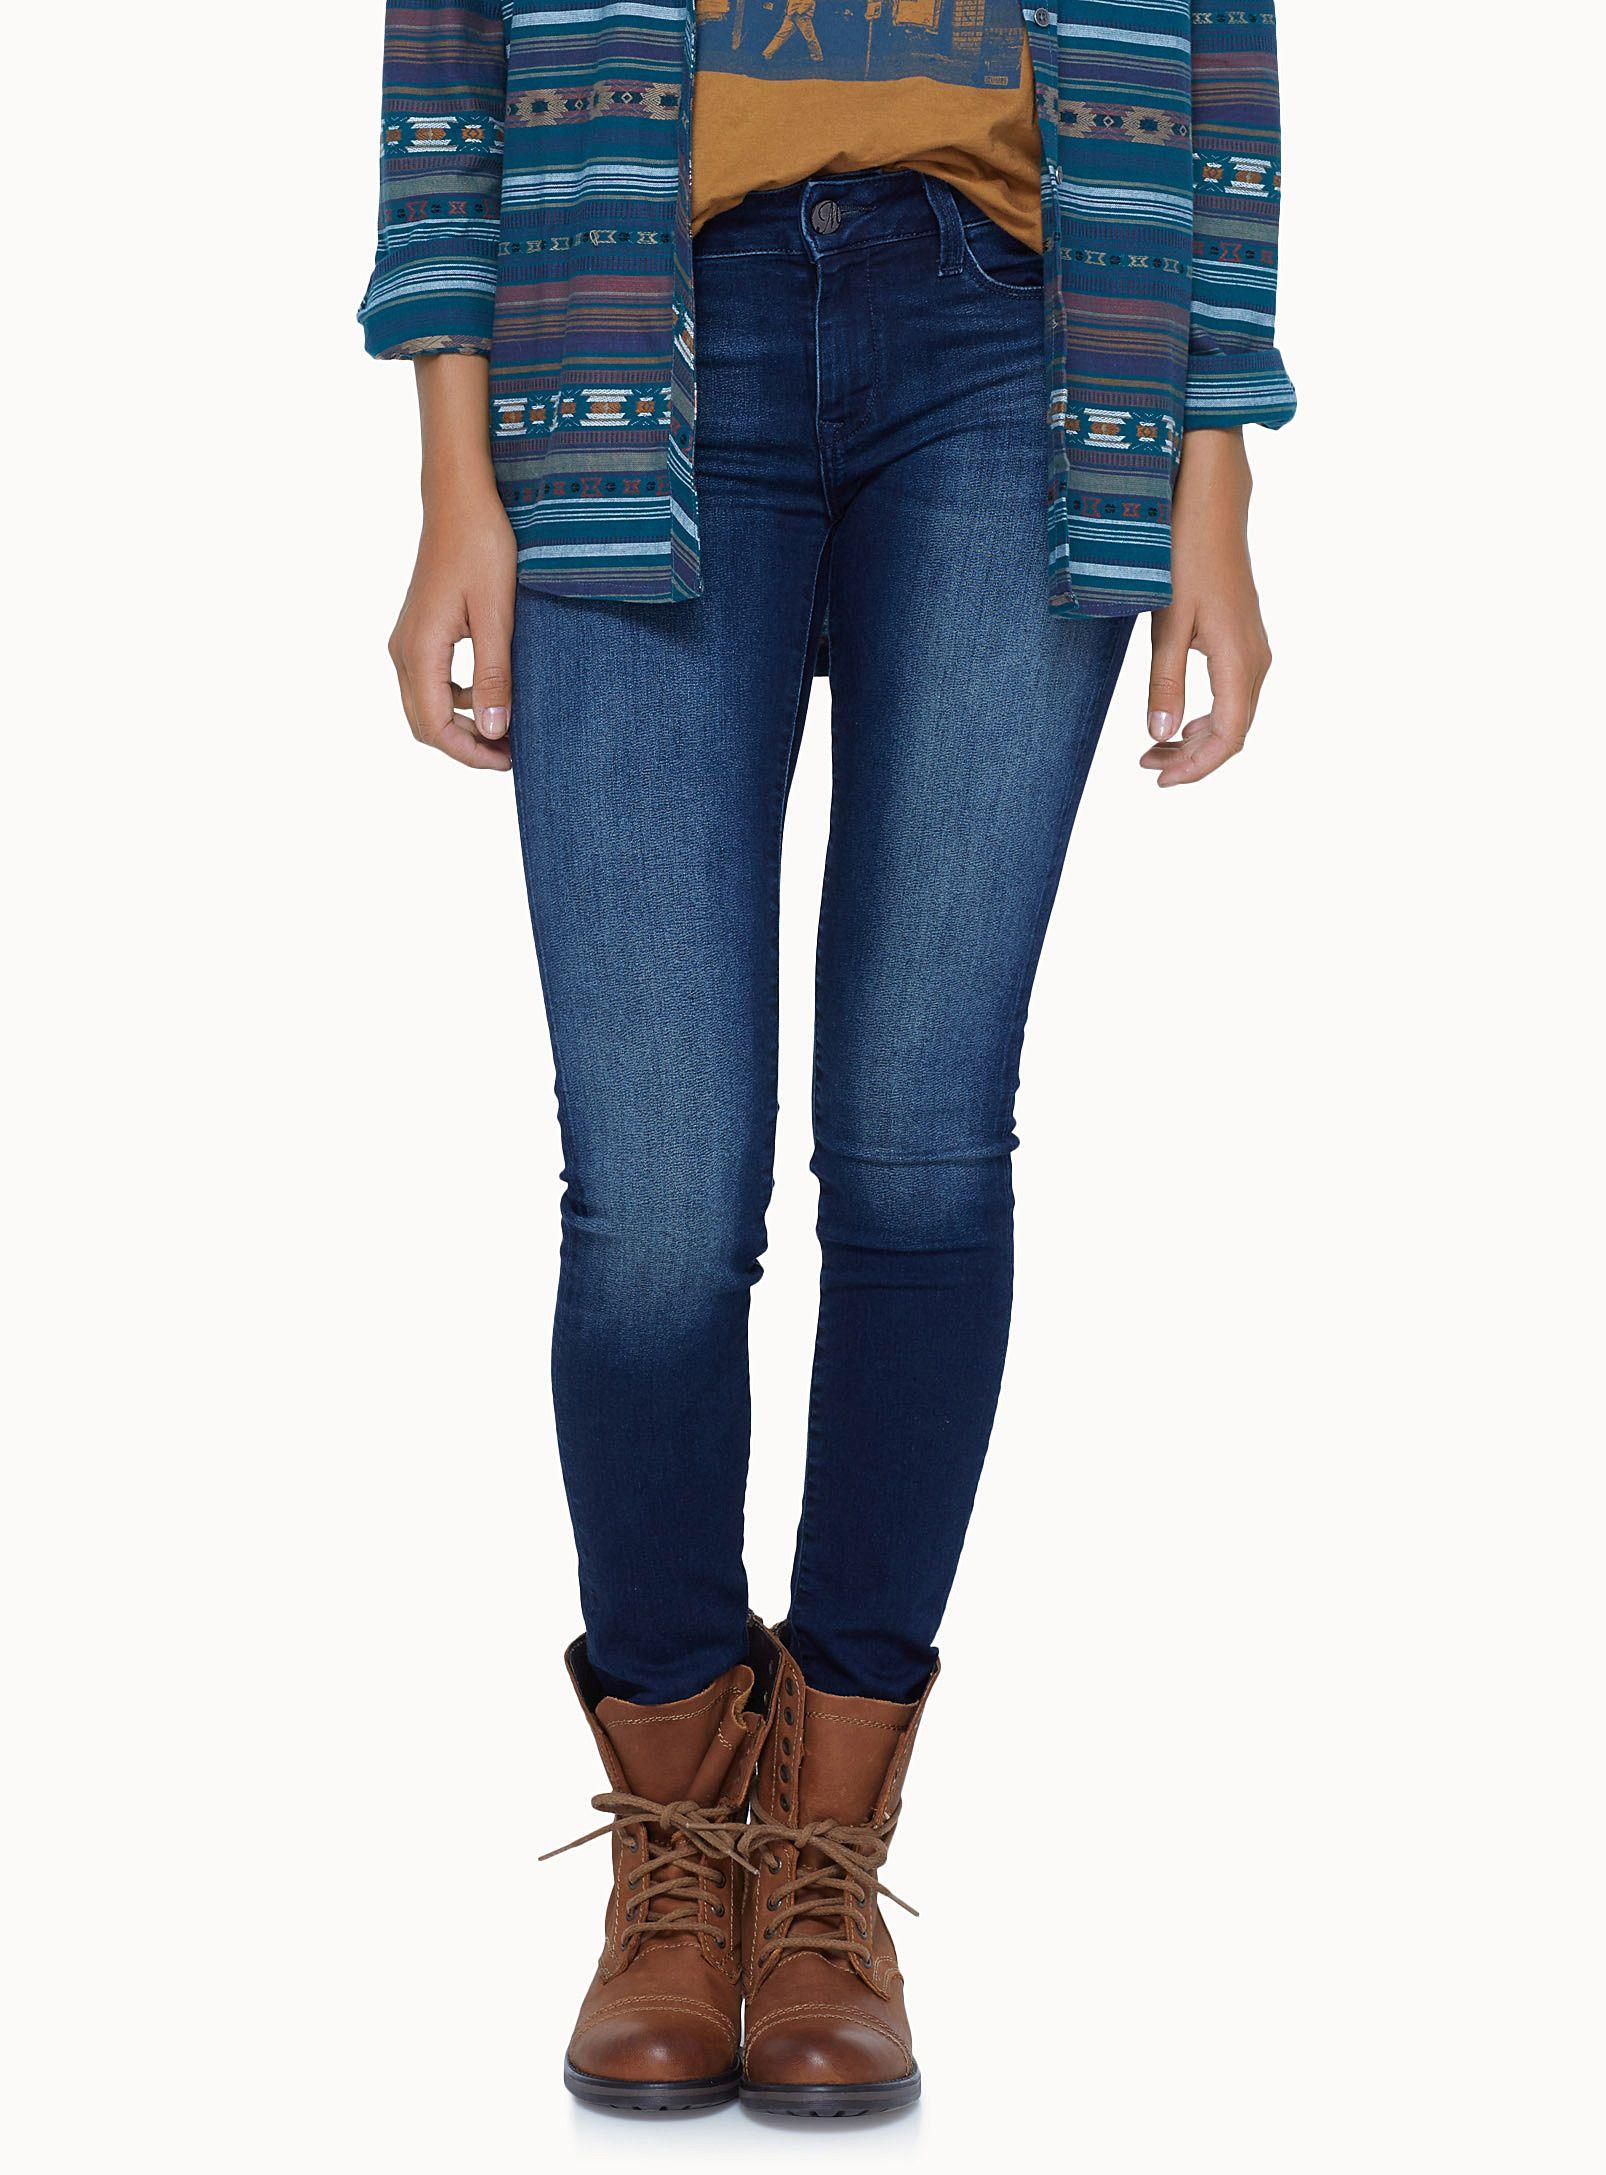 3a3f9acd407 Magasinez des Jeans pour Femme en ligne au Québec